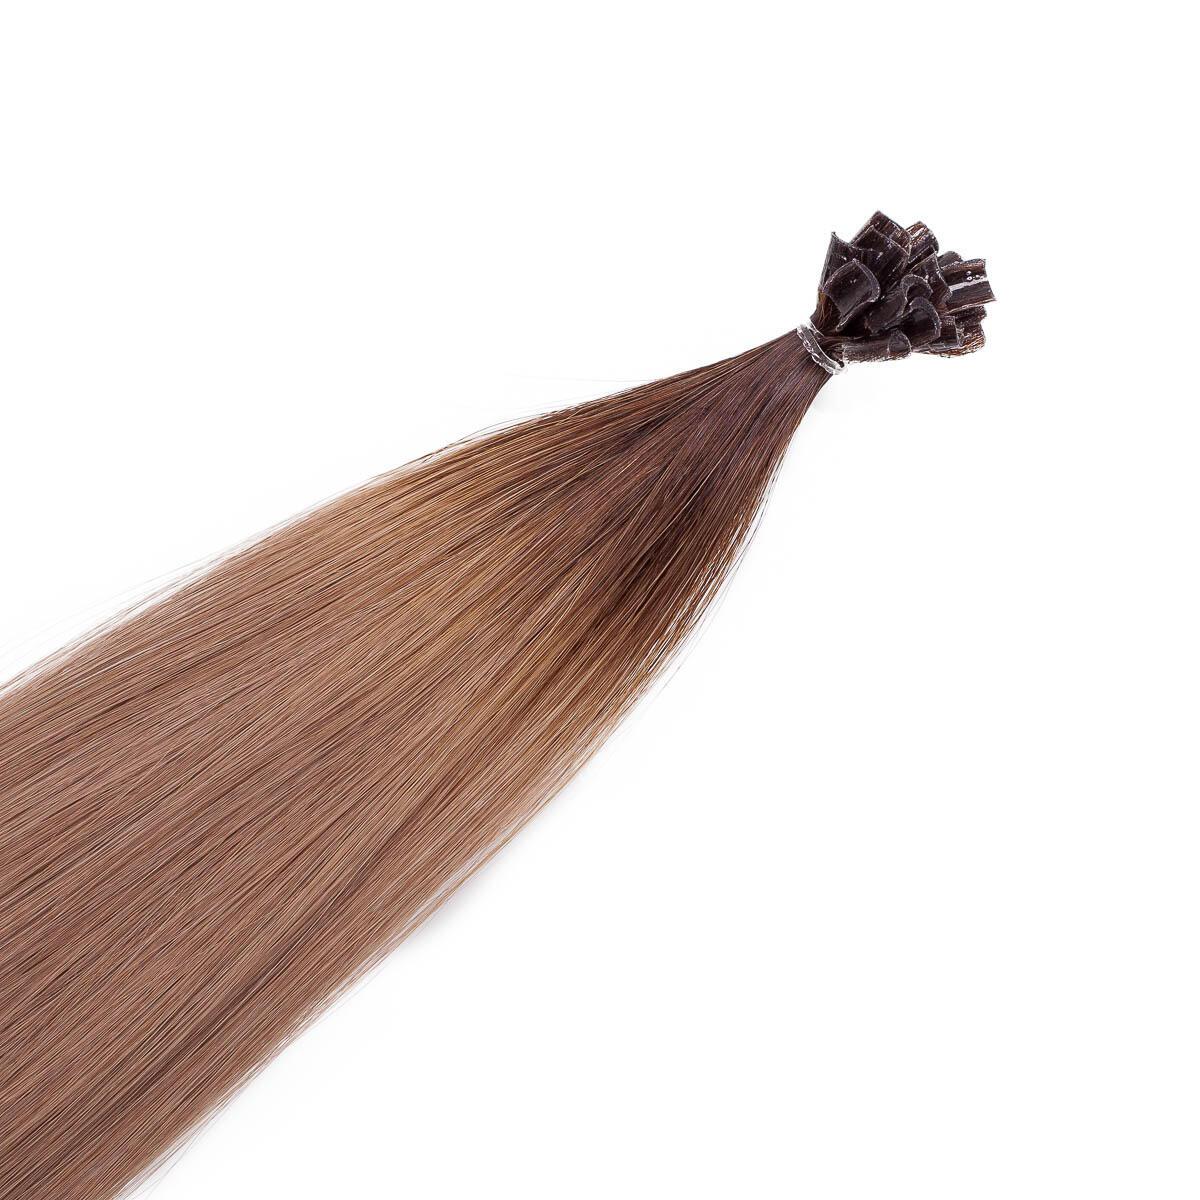 Bondings Premium Glatt R2.2/7.3 Brown Ash Root 50 cm